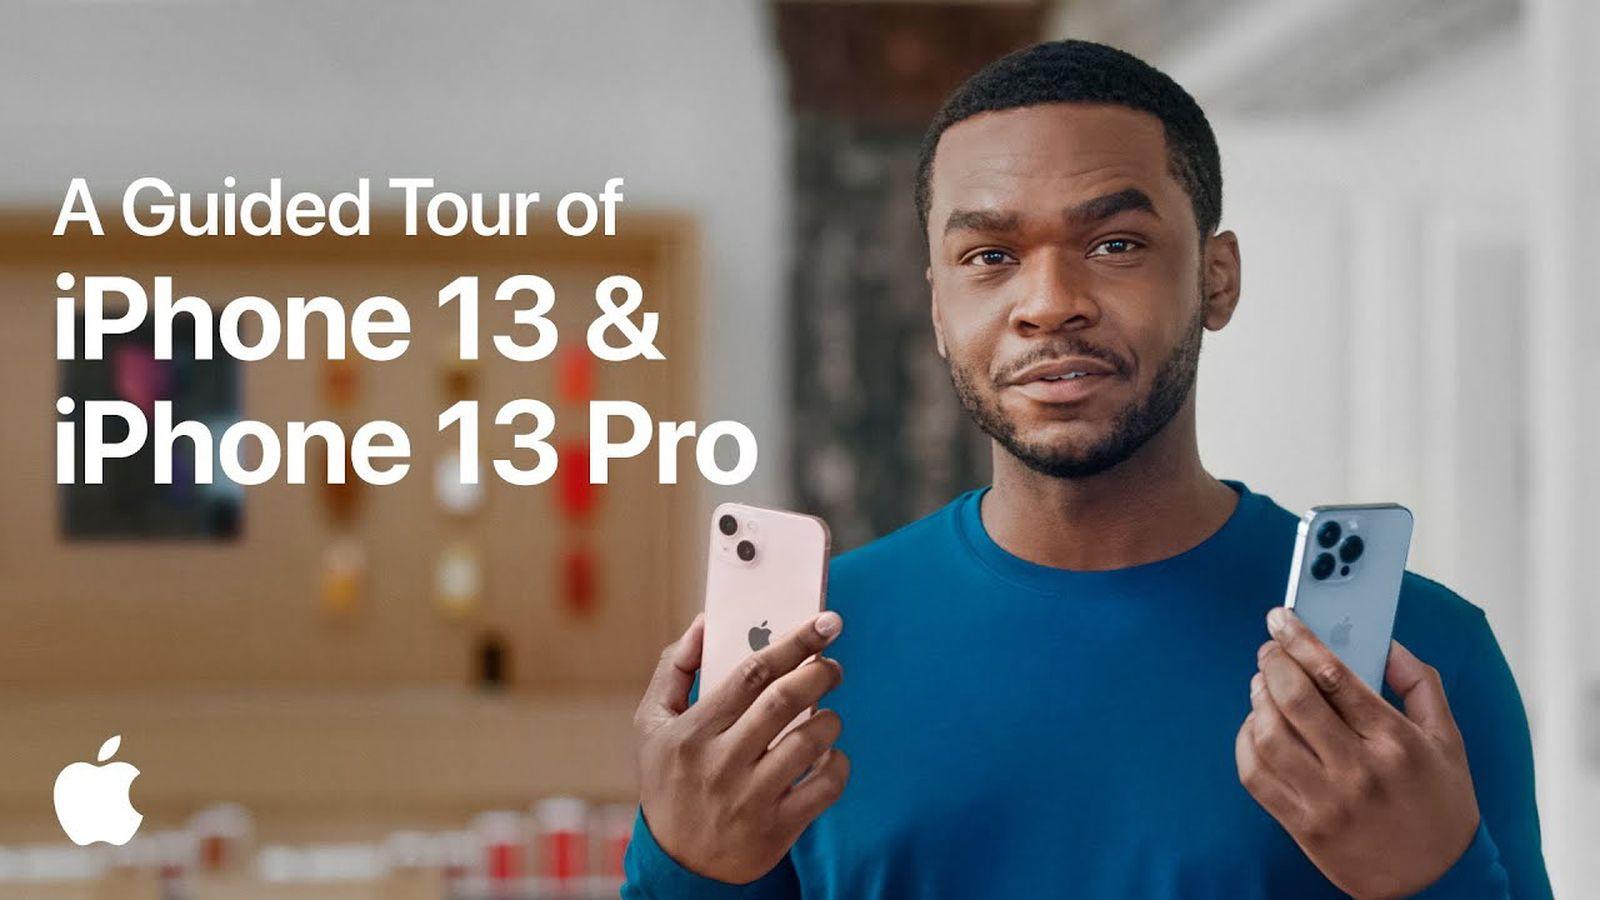 Przewodnik wideo od Apple przedstawiający różnice między iPhone 13 i iPhone 13 Pro